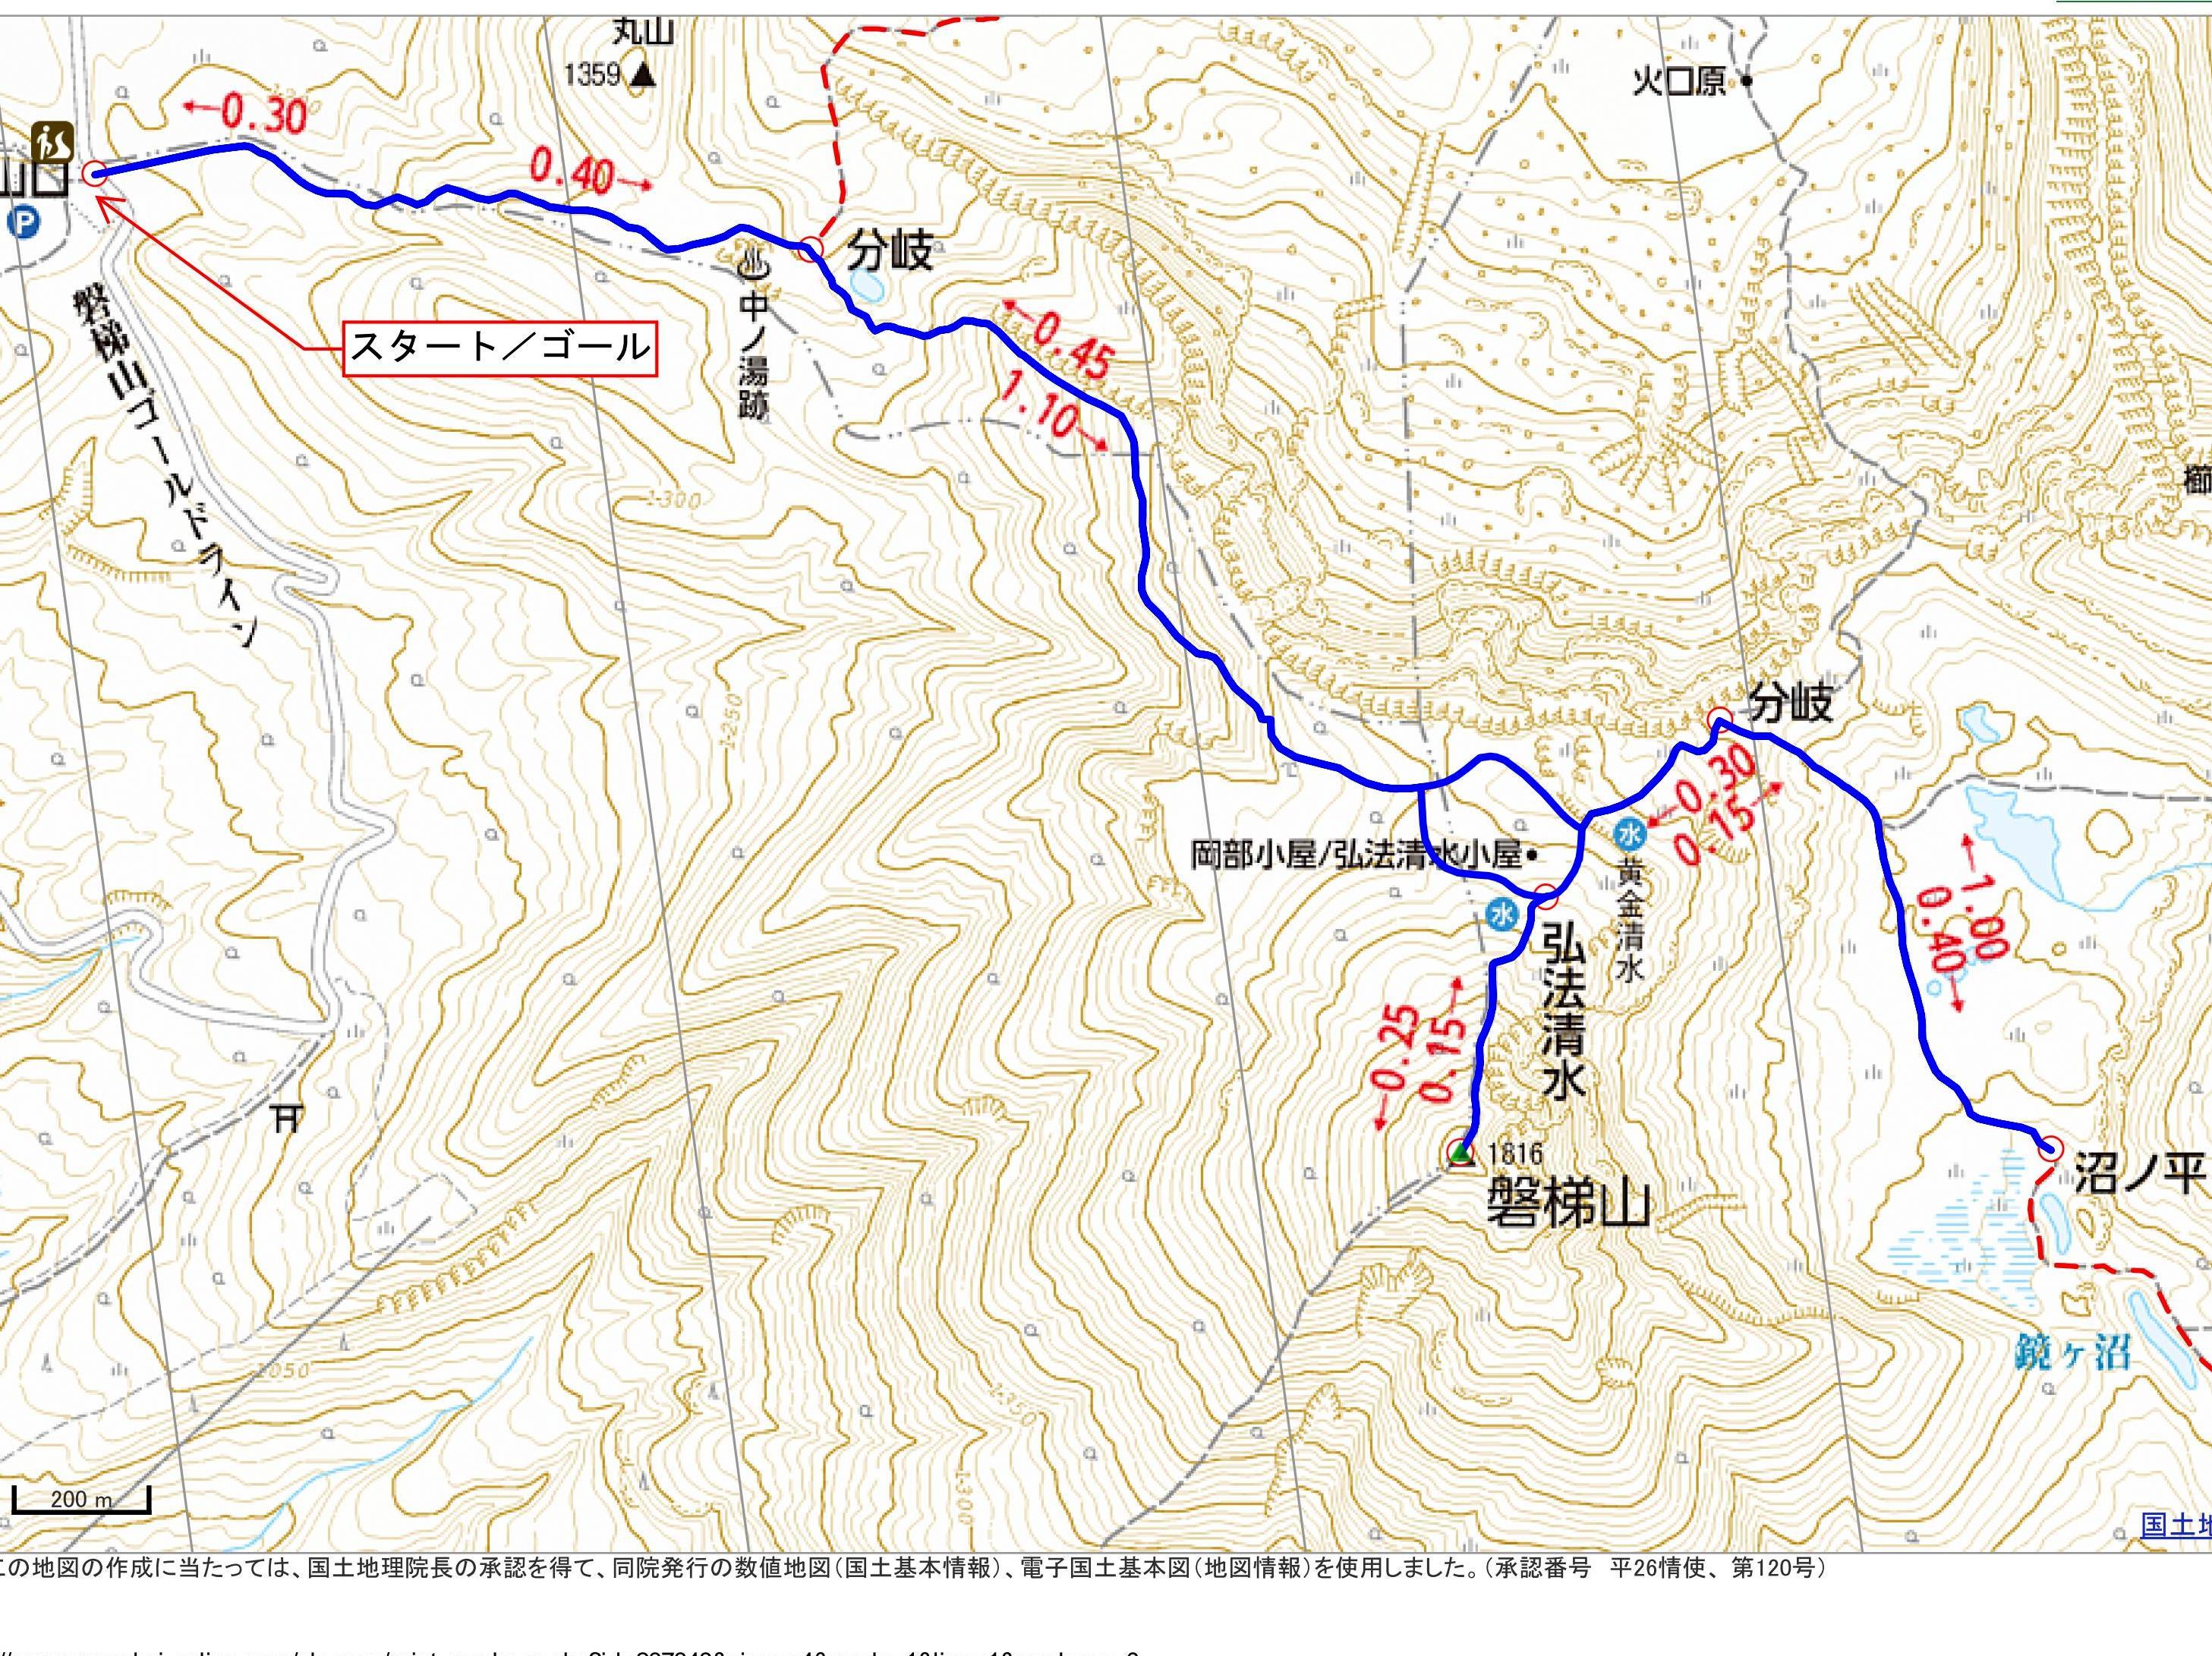 1-コースタイム付き登山地図印刷A4横0 - 01